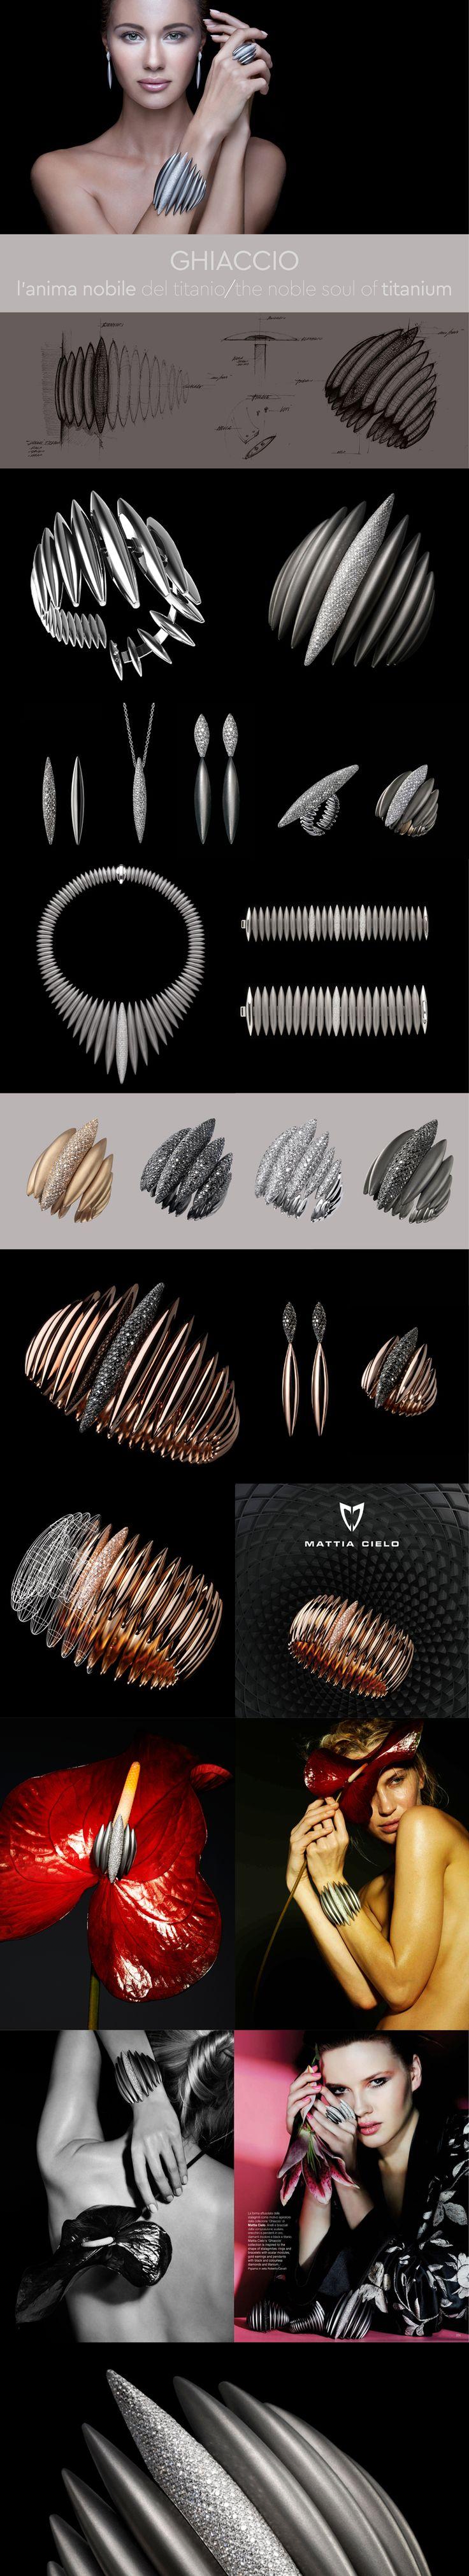 Massimiliano Bonoli - Design Project Collection